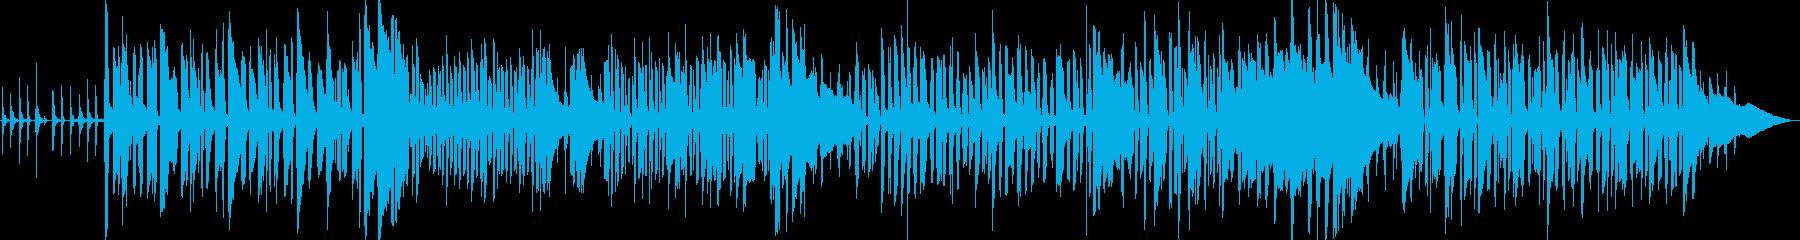 インストゥルメンタル、ベース、ピア...の再生済みの波形